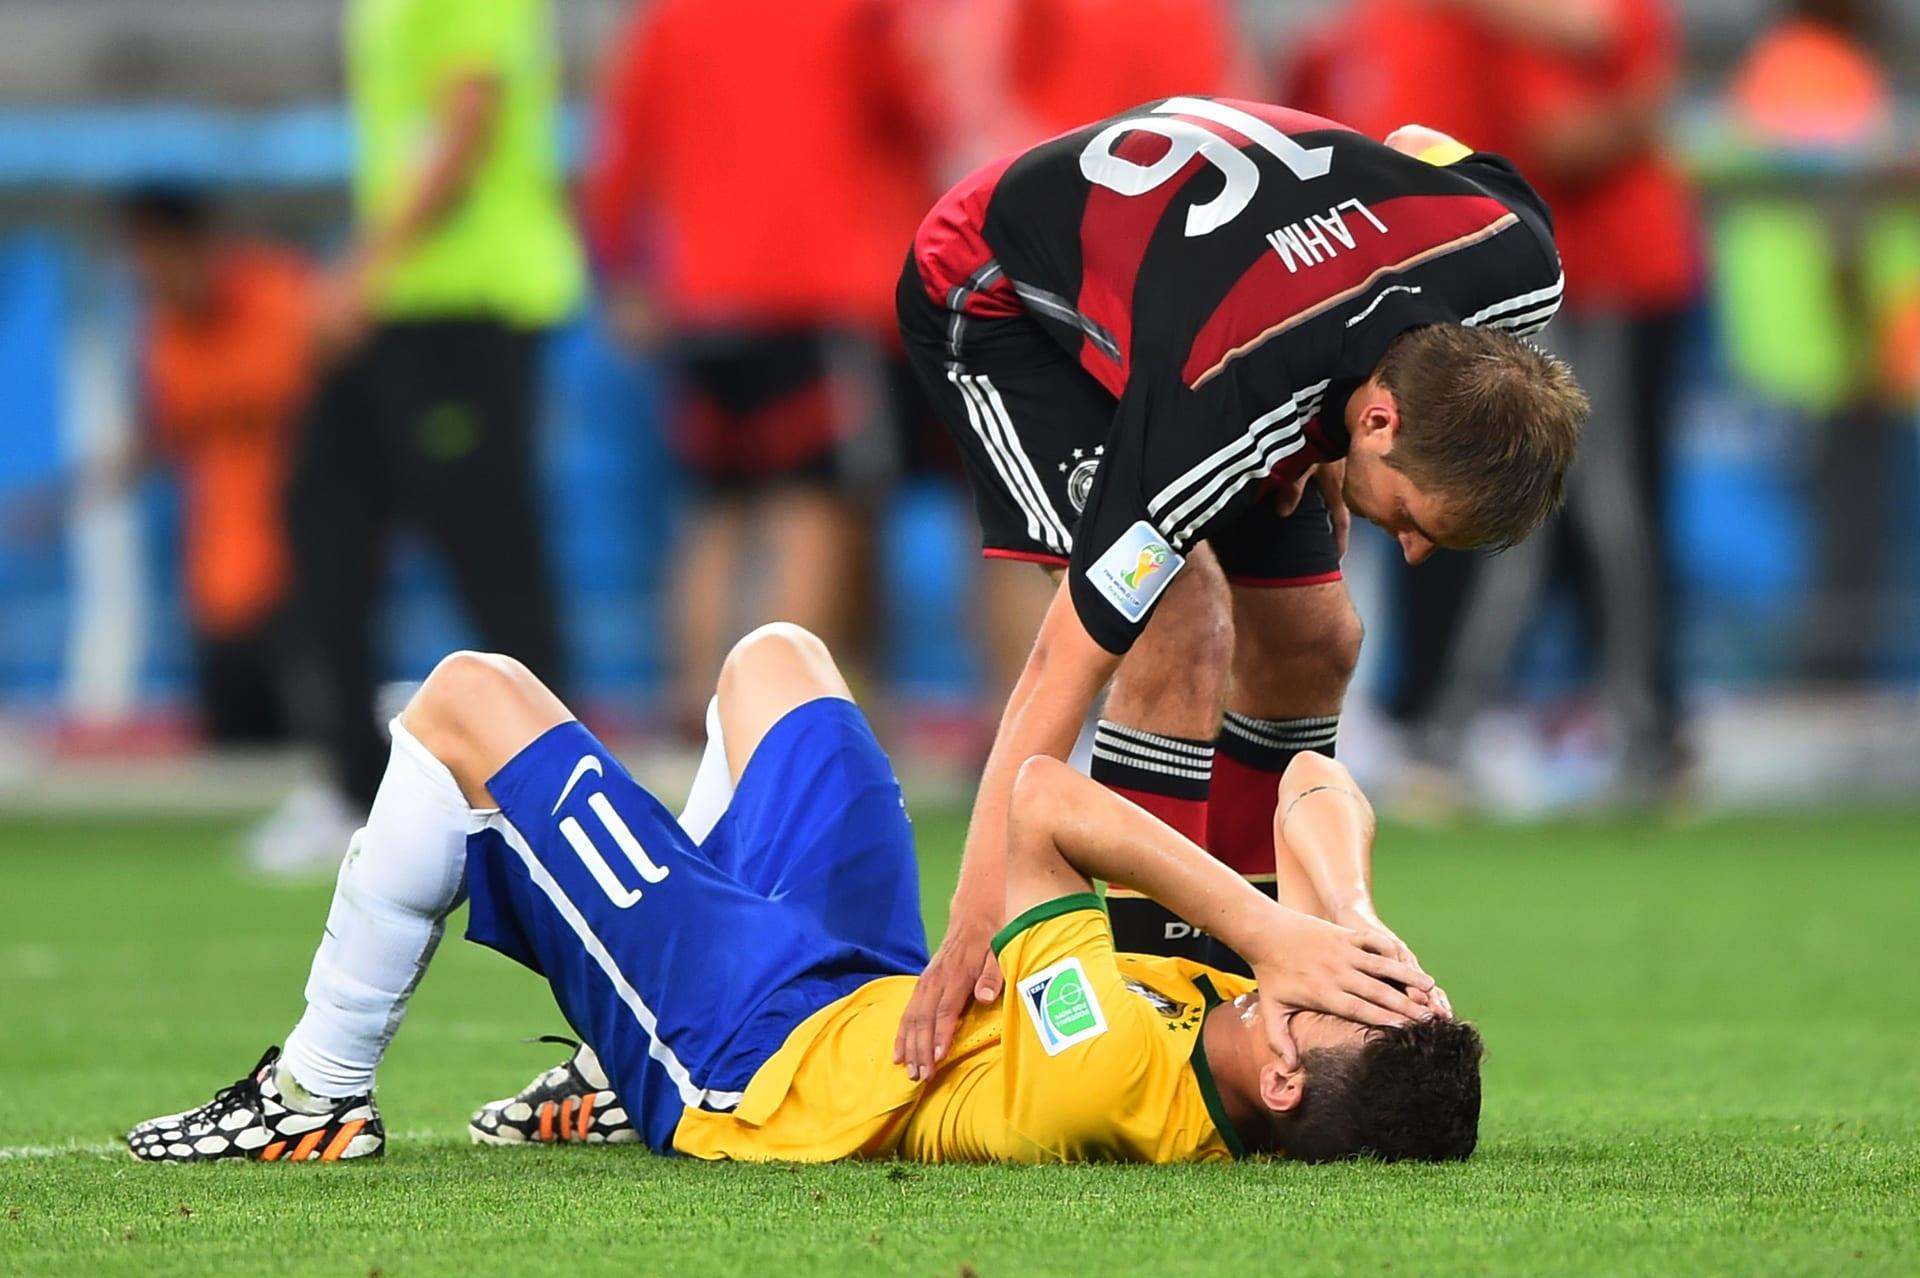 ما هي التغييرات التي طرأت على البرازيل وألمانيا منذ فضيحة 2014؟